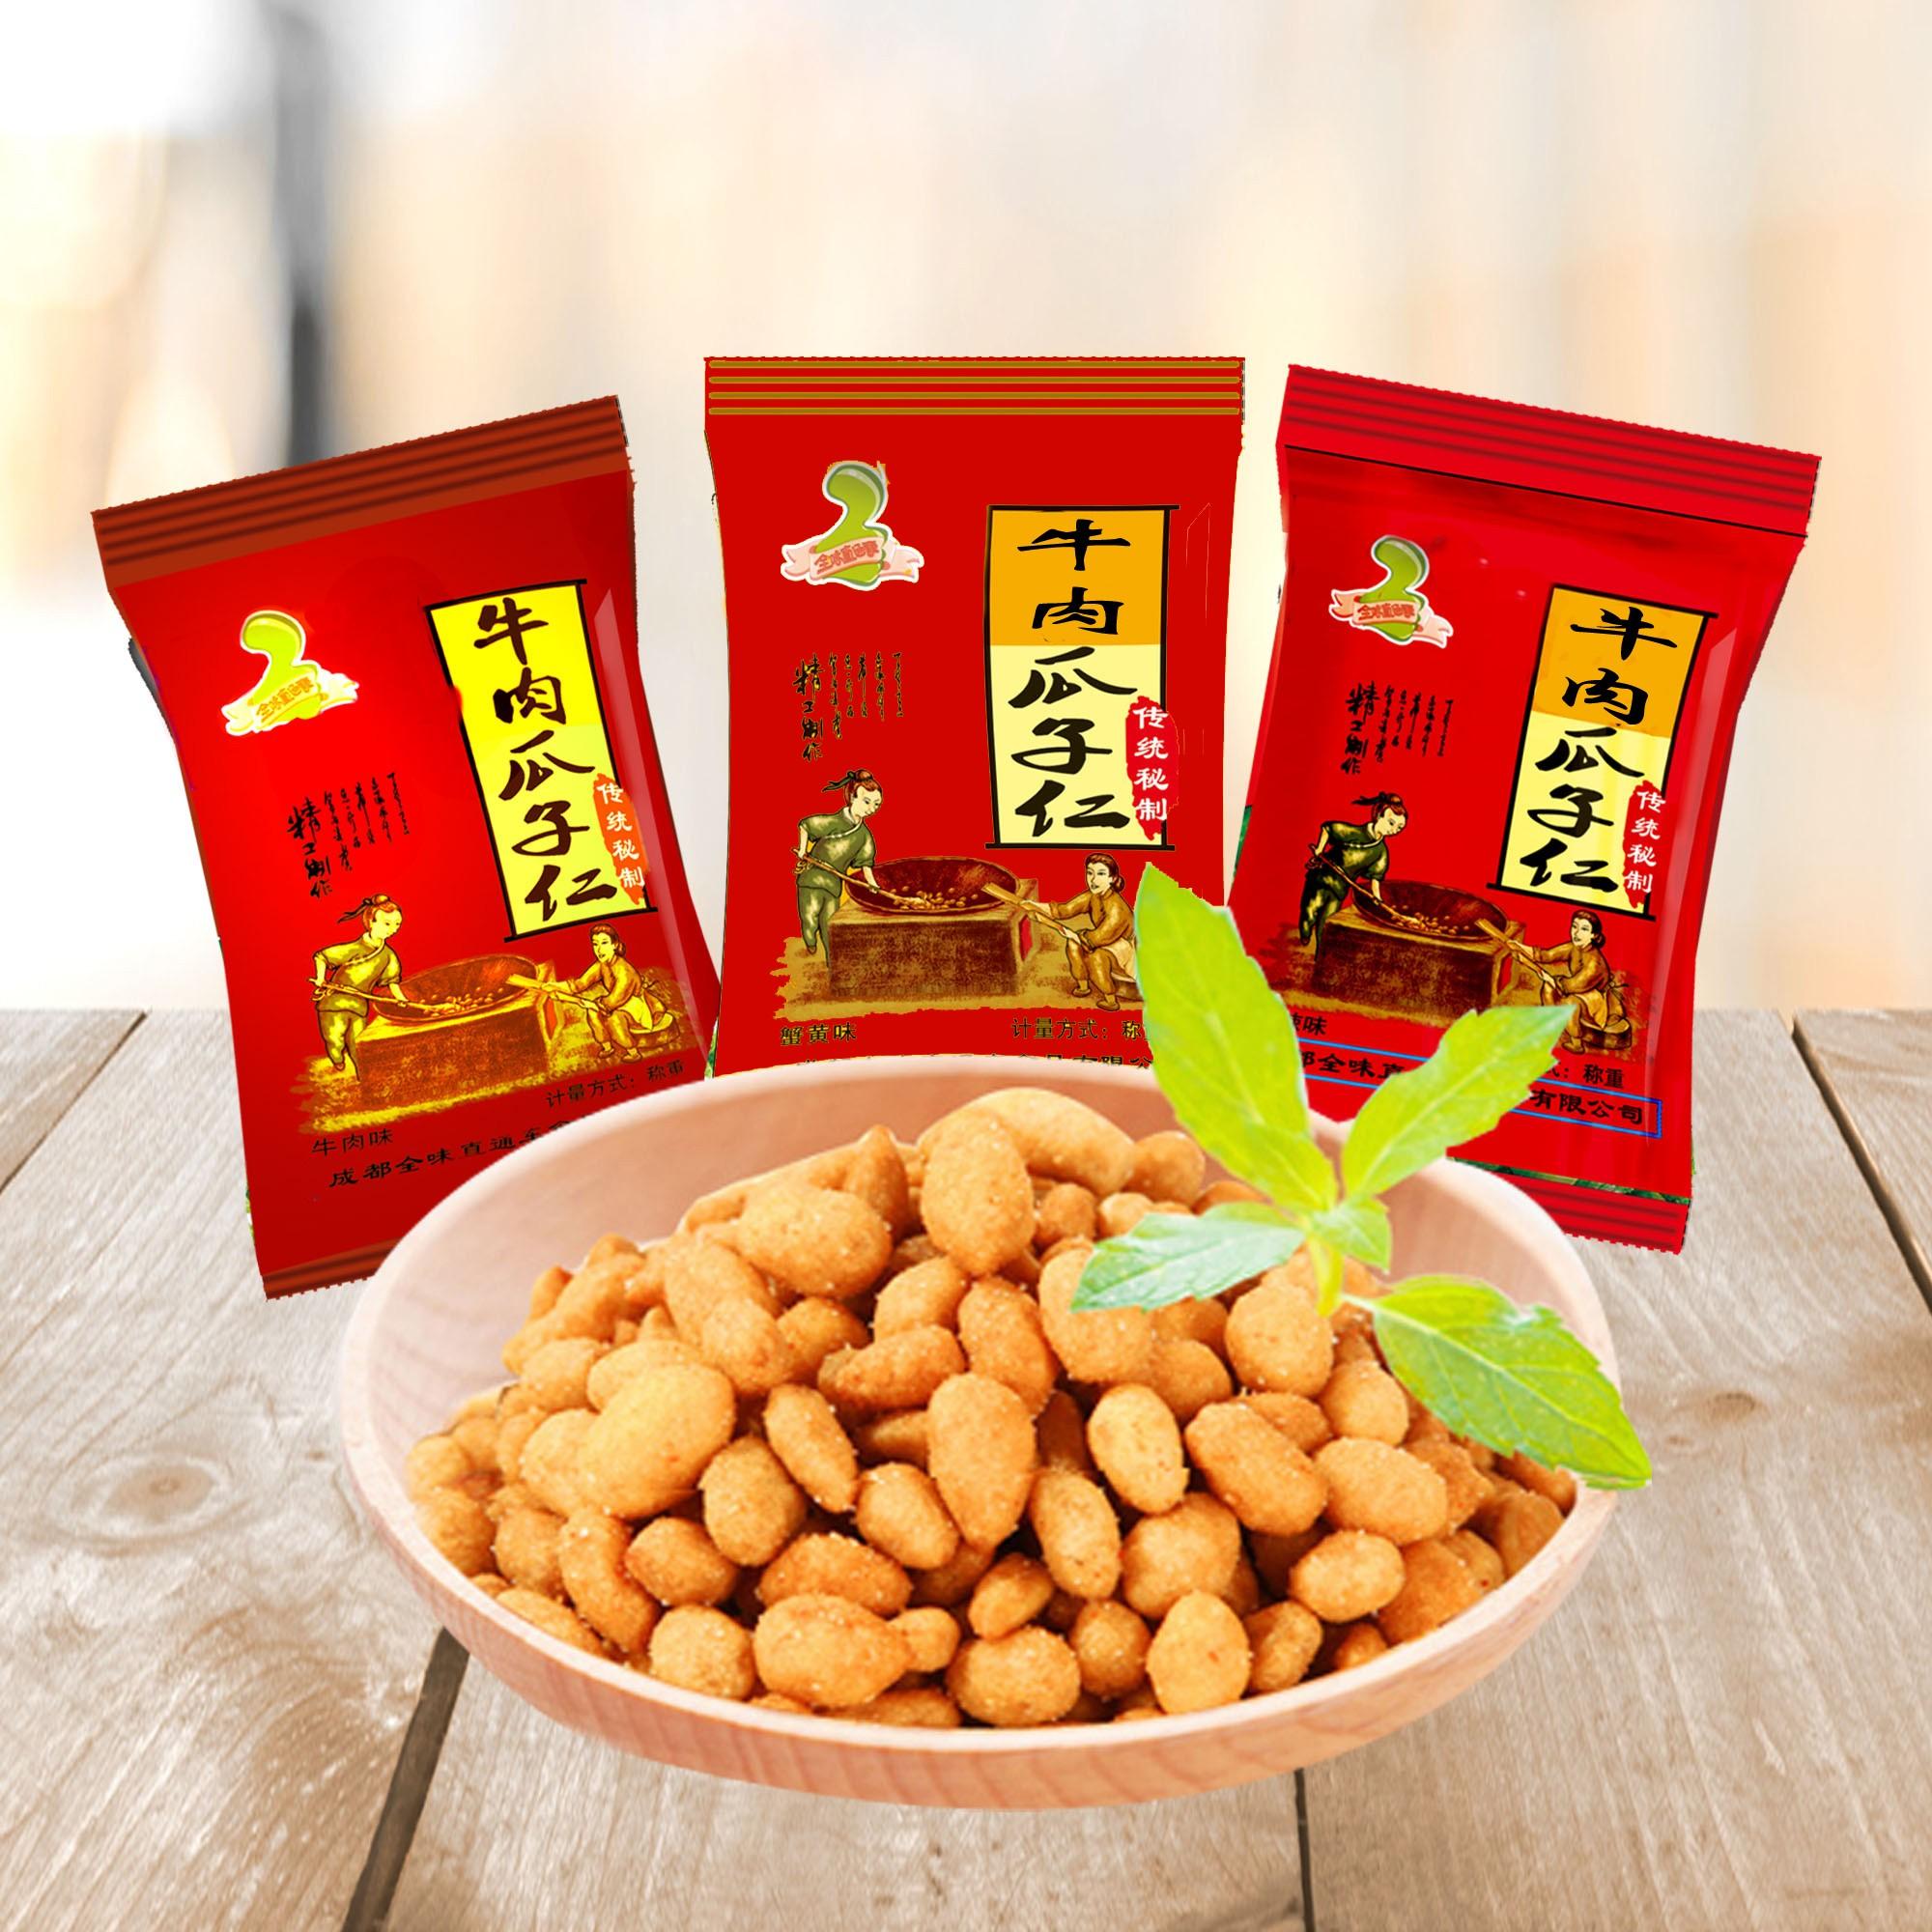 【全味】牛肉味瓜子仁多口味葵花籽休闲零食包邮500g/约20包